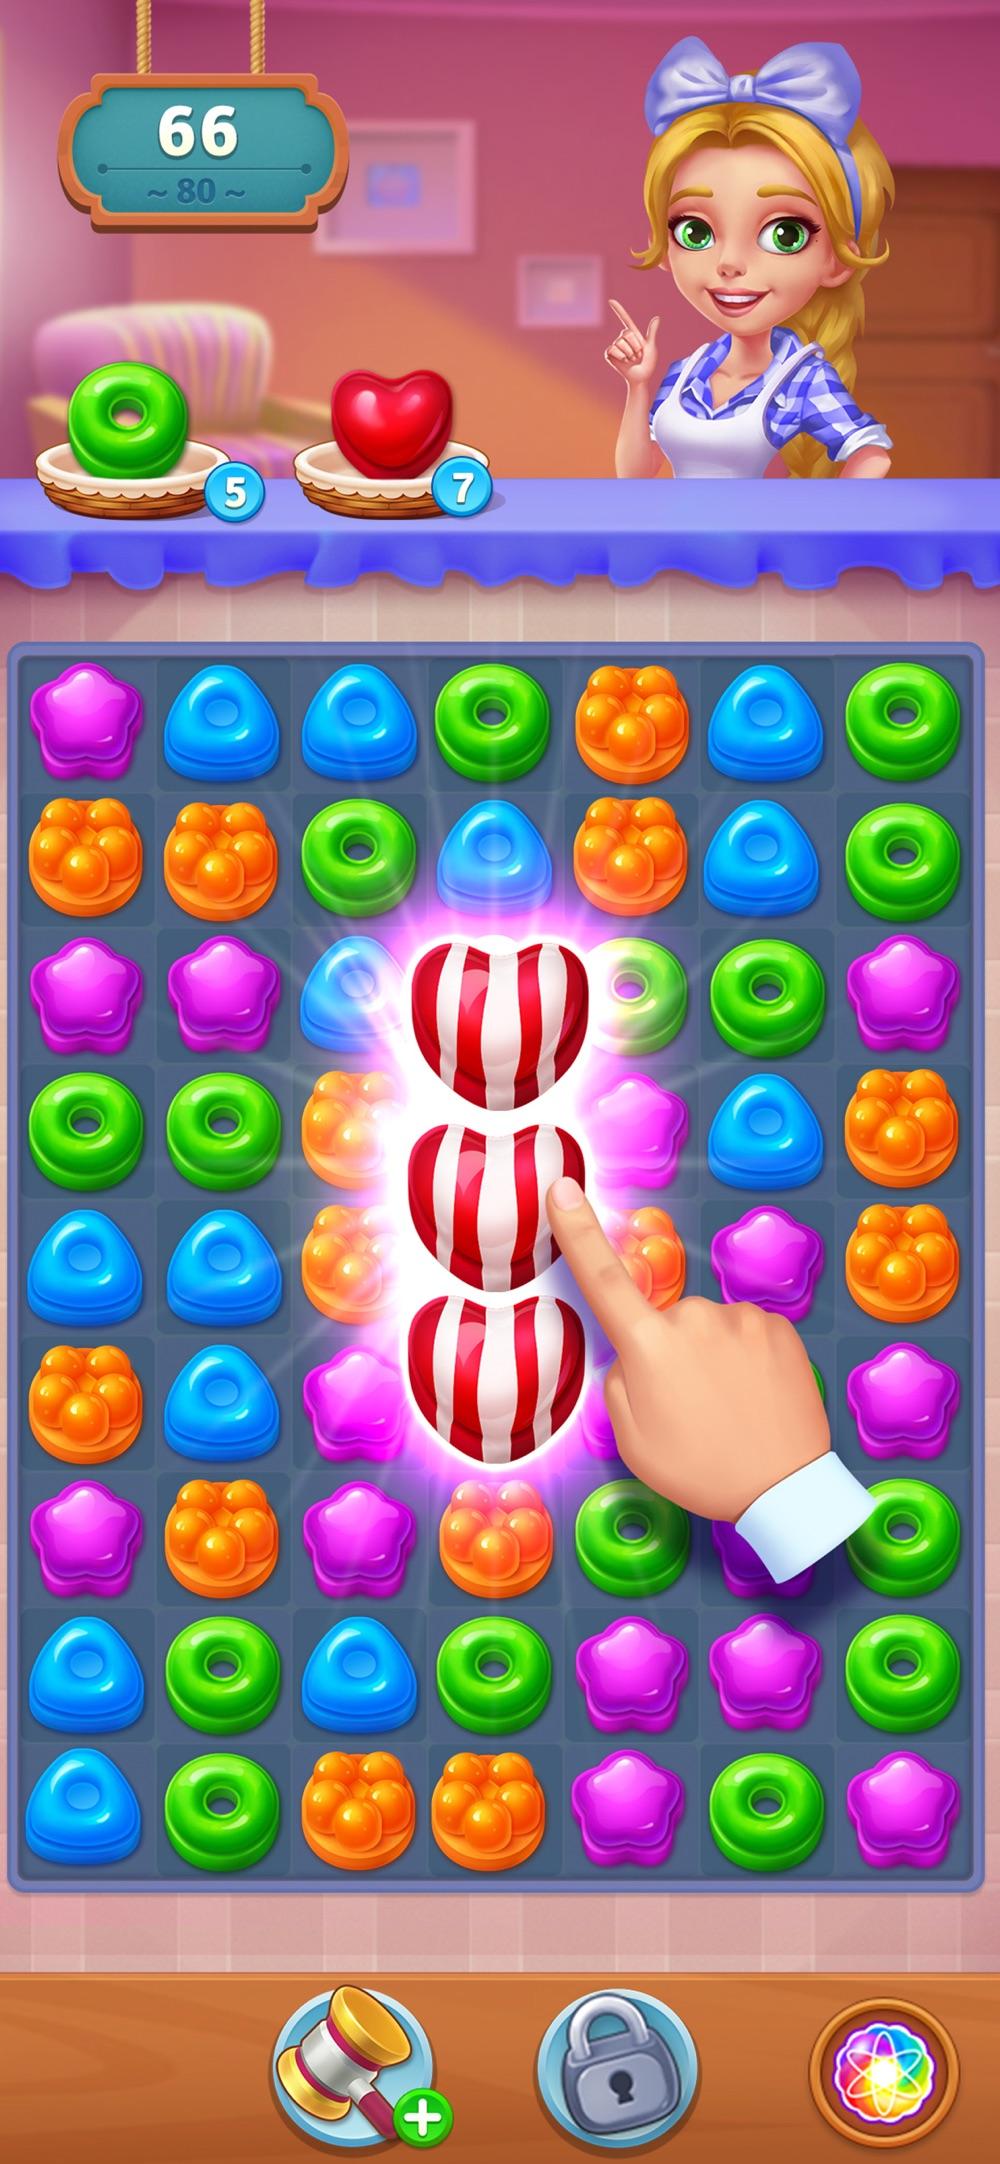 Candy Smash Mania – Match 3